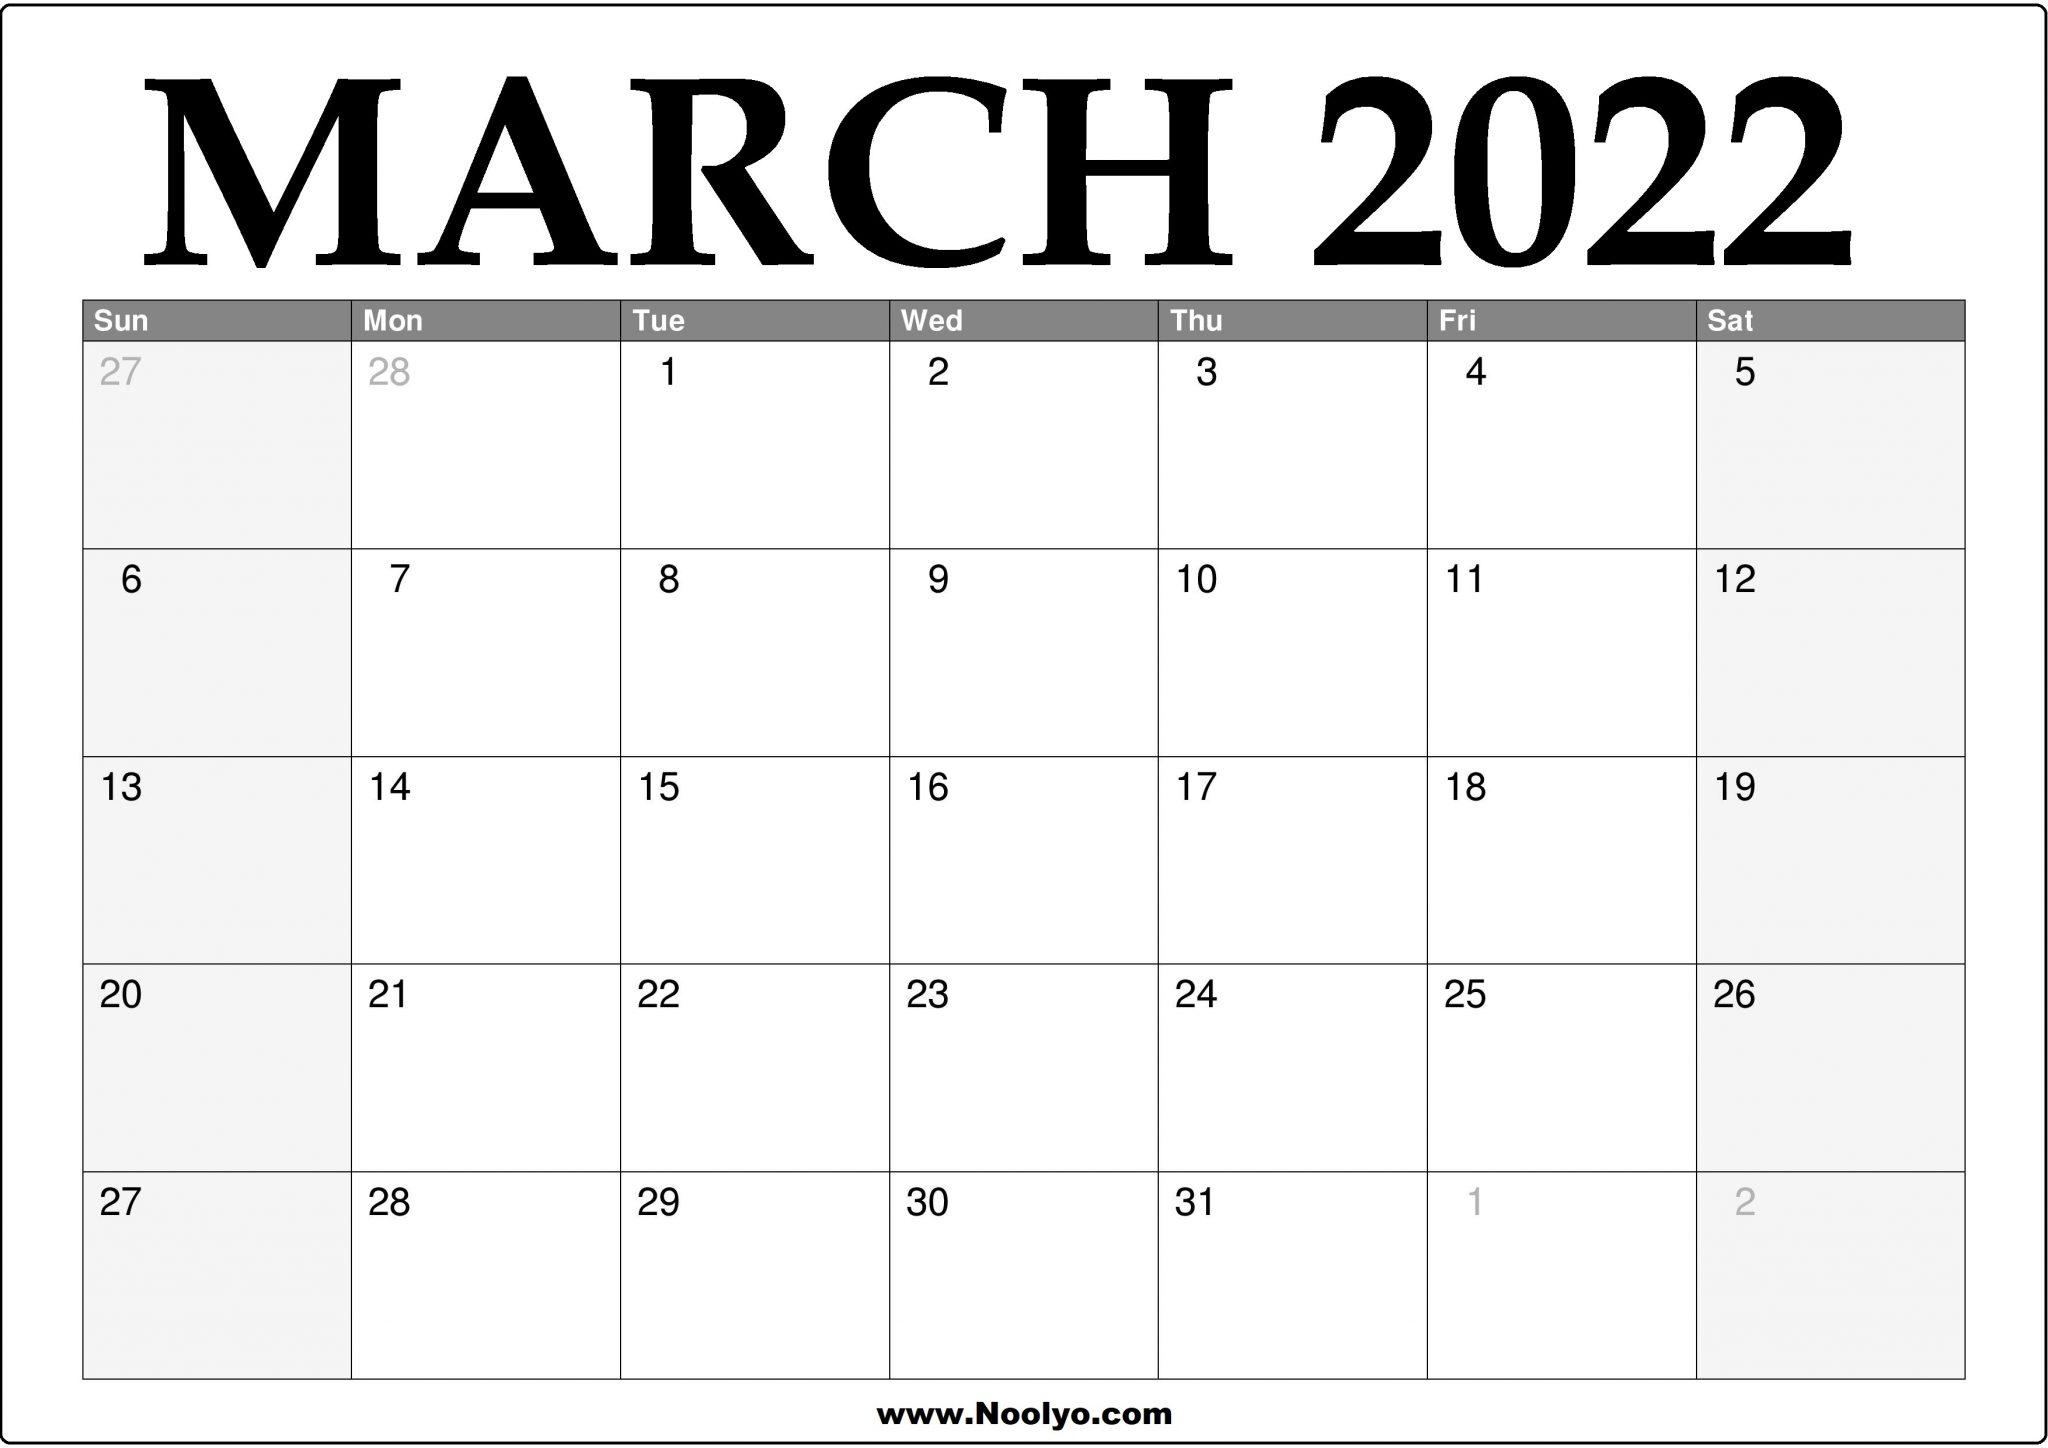 2022 March Calendar Printable - Download Free - Noolyo.com